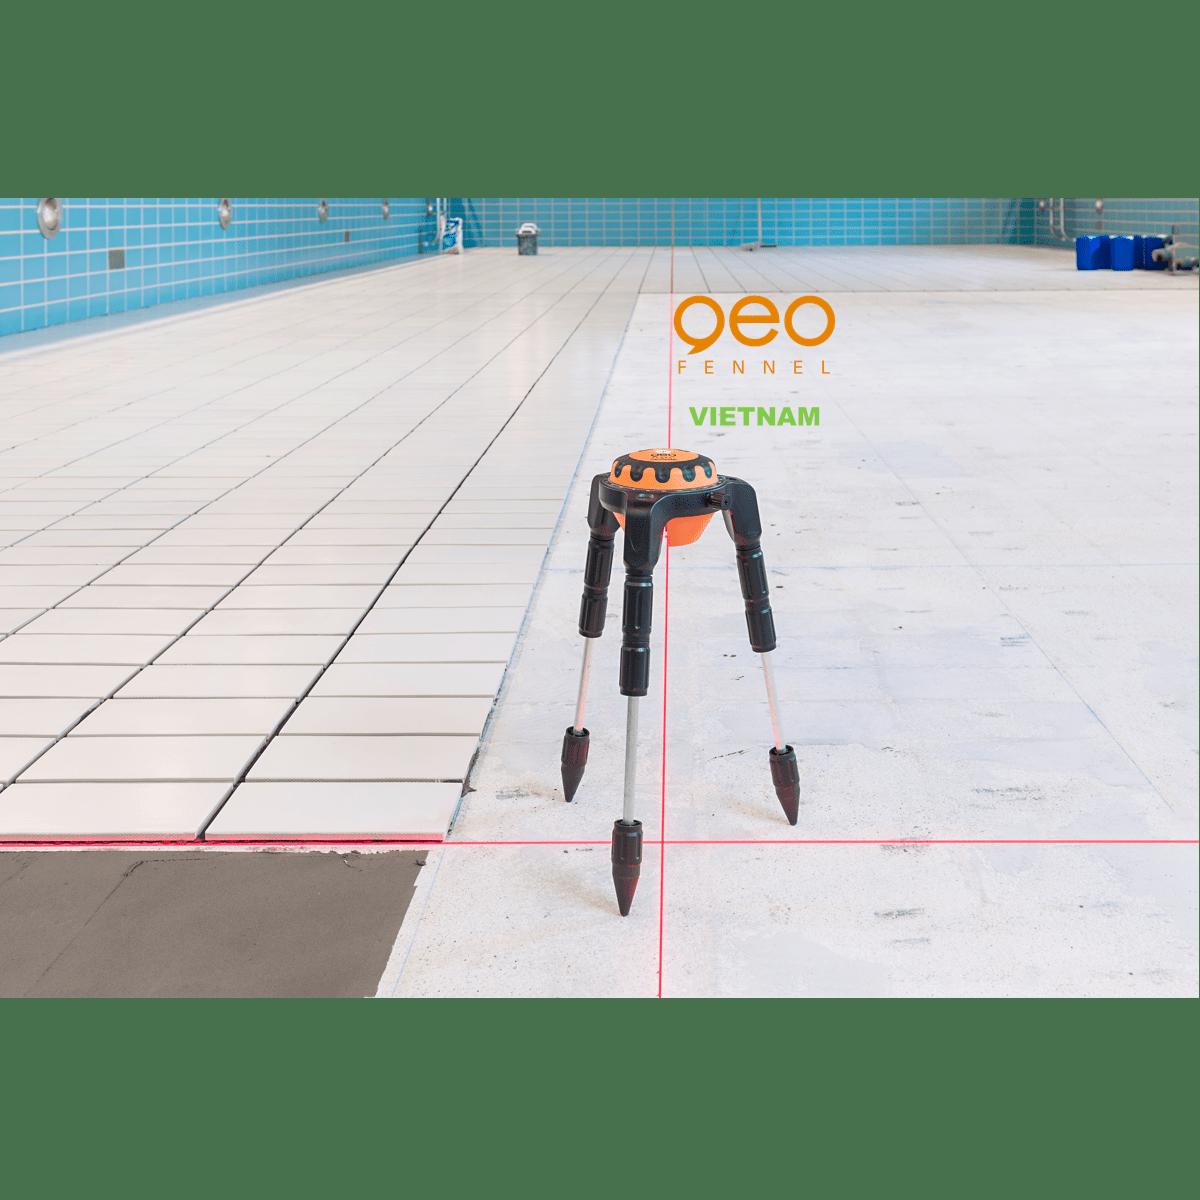 Máy đo vuông góc laser GEOSPIDER | Nhện laser | Tạo góc vuông bằng laser